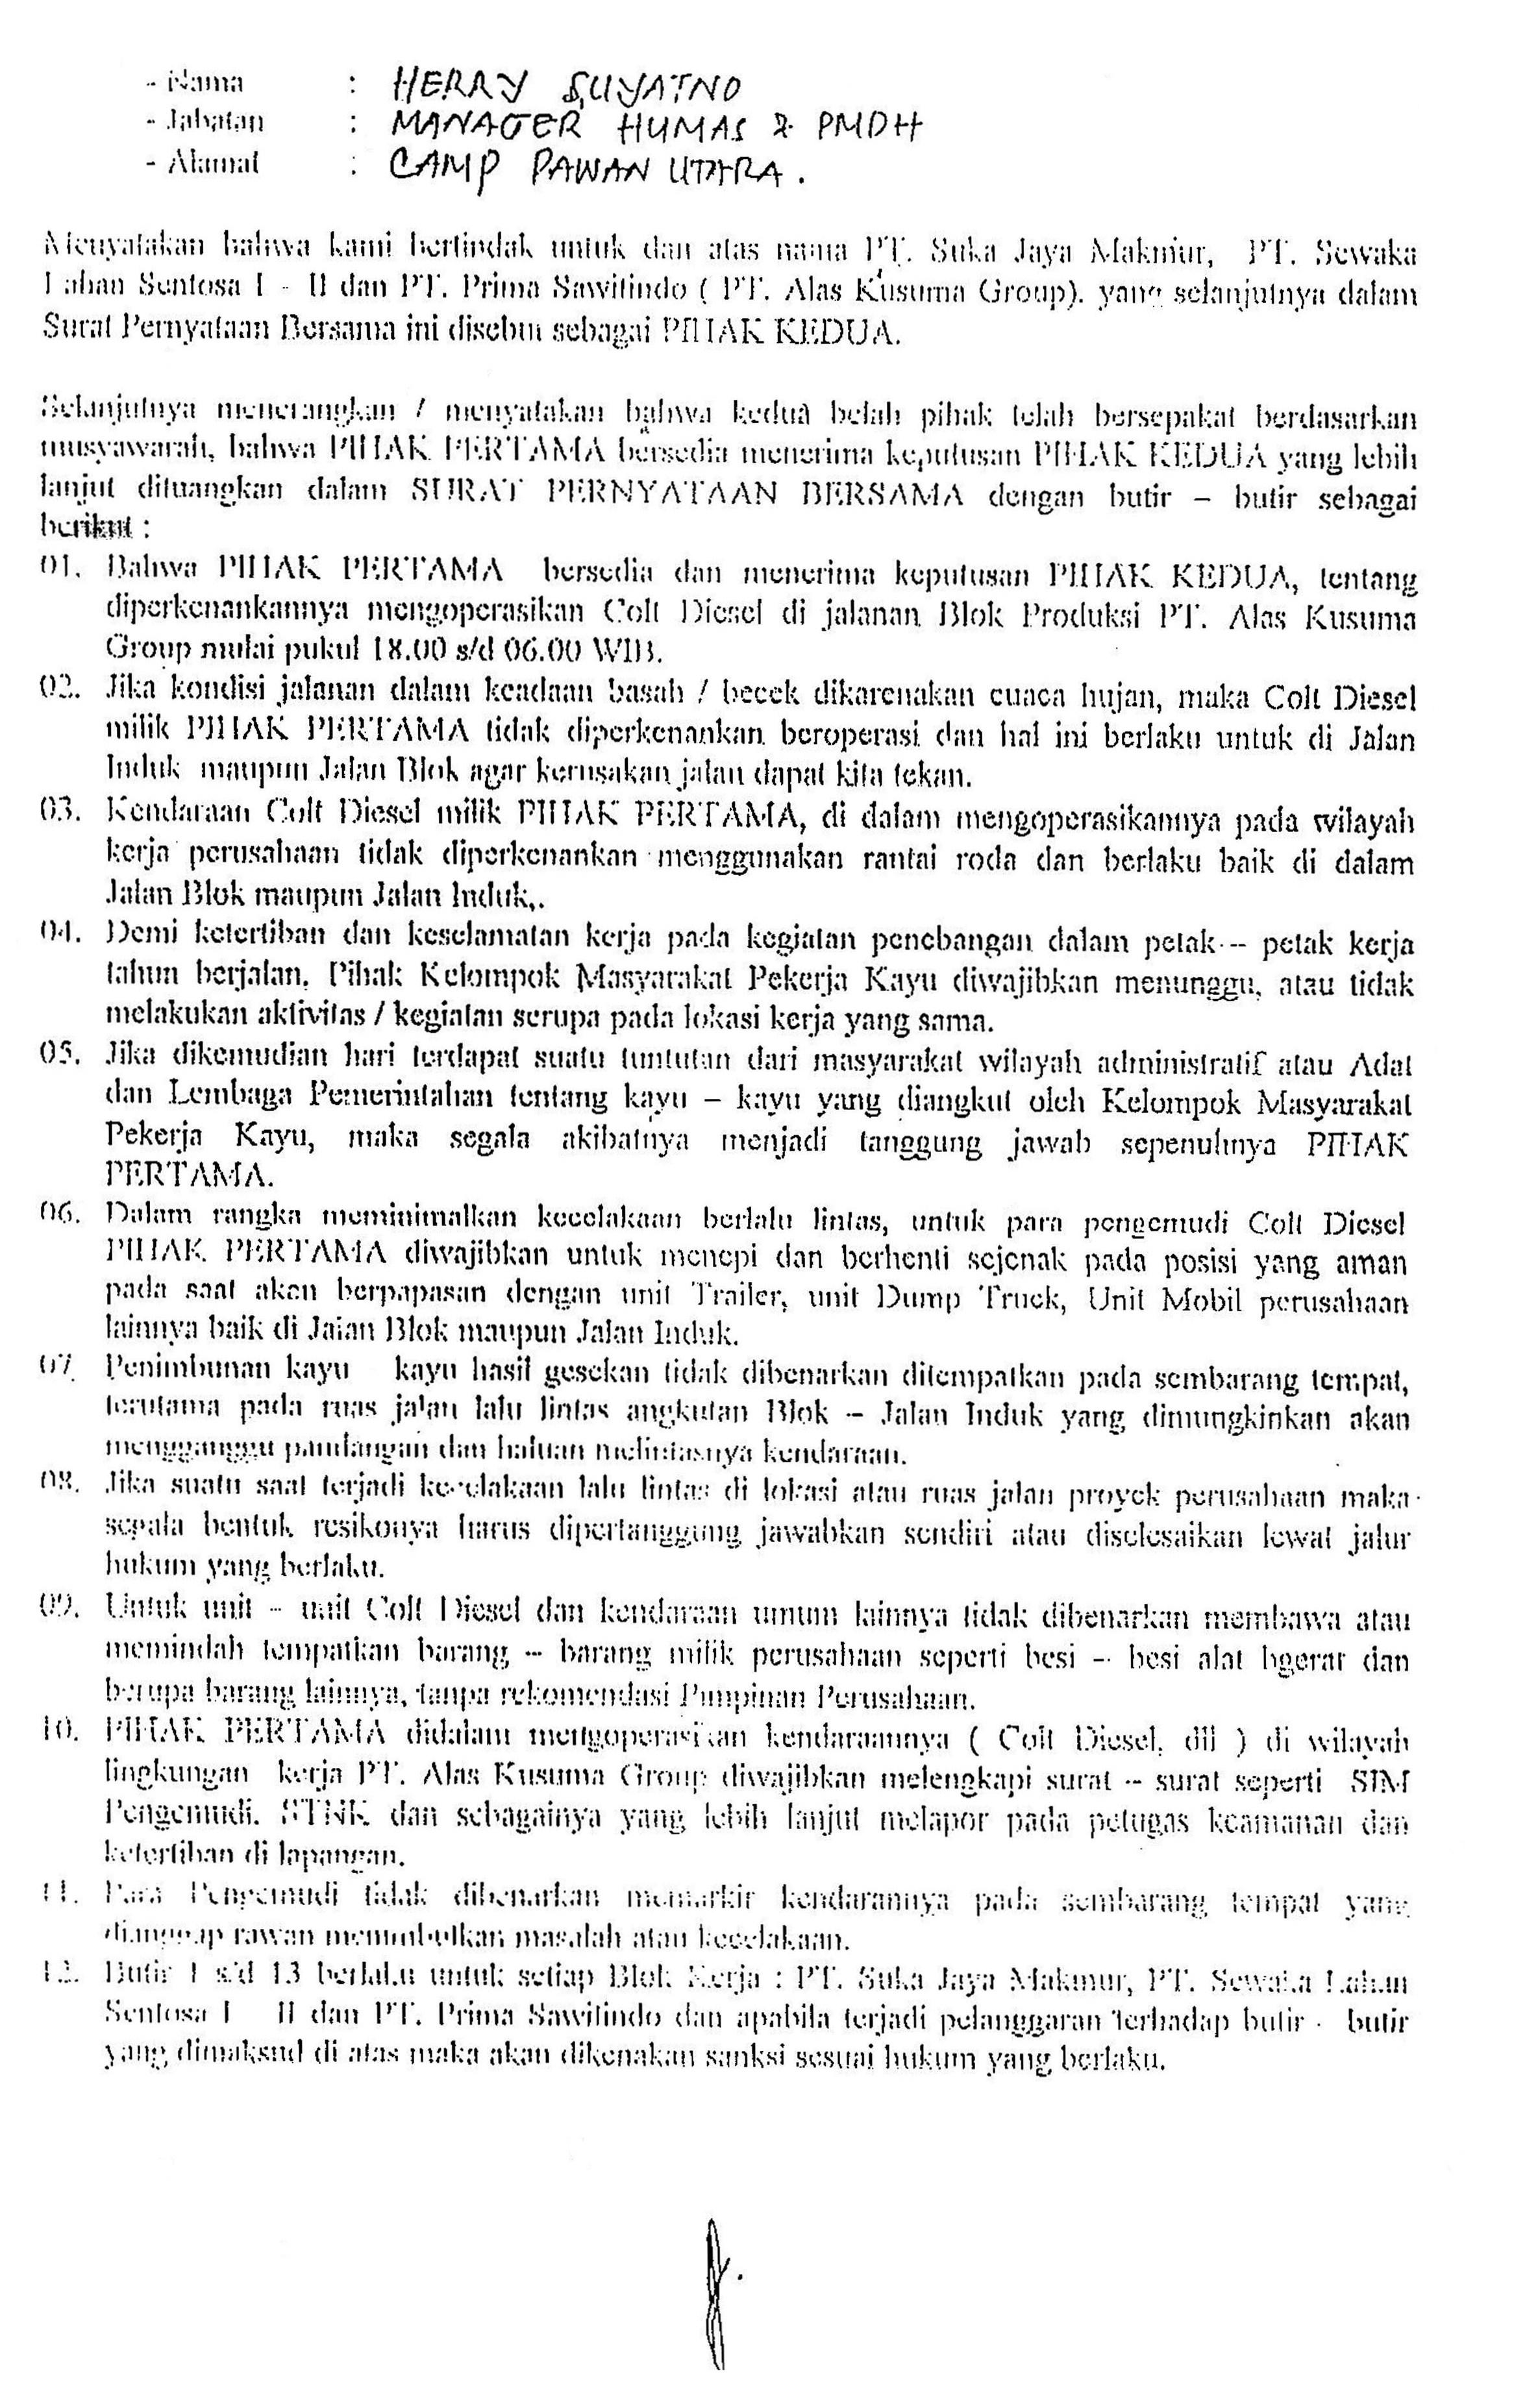 surat pernyataan bersama | TW's Blog